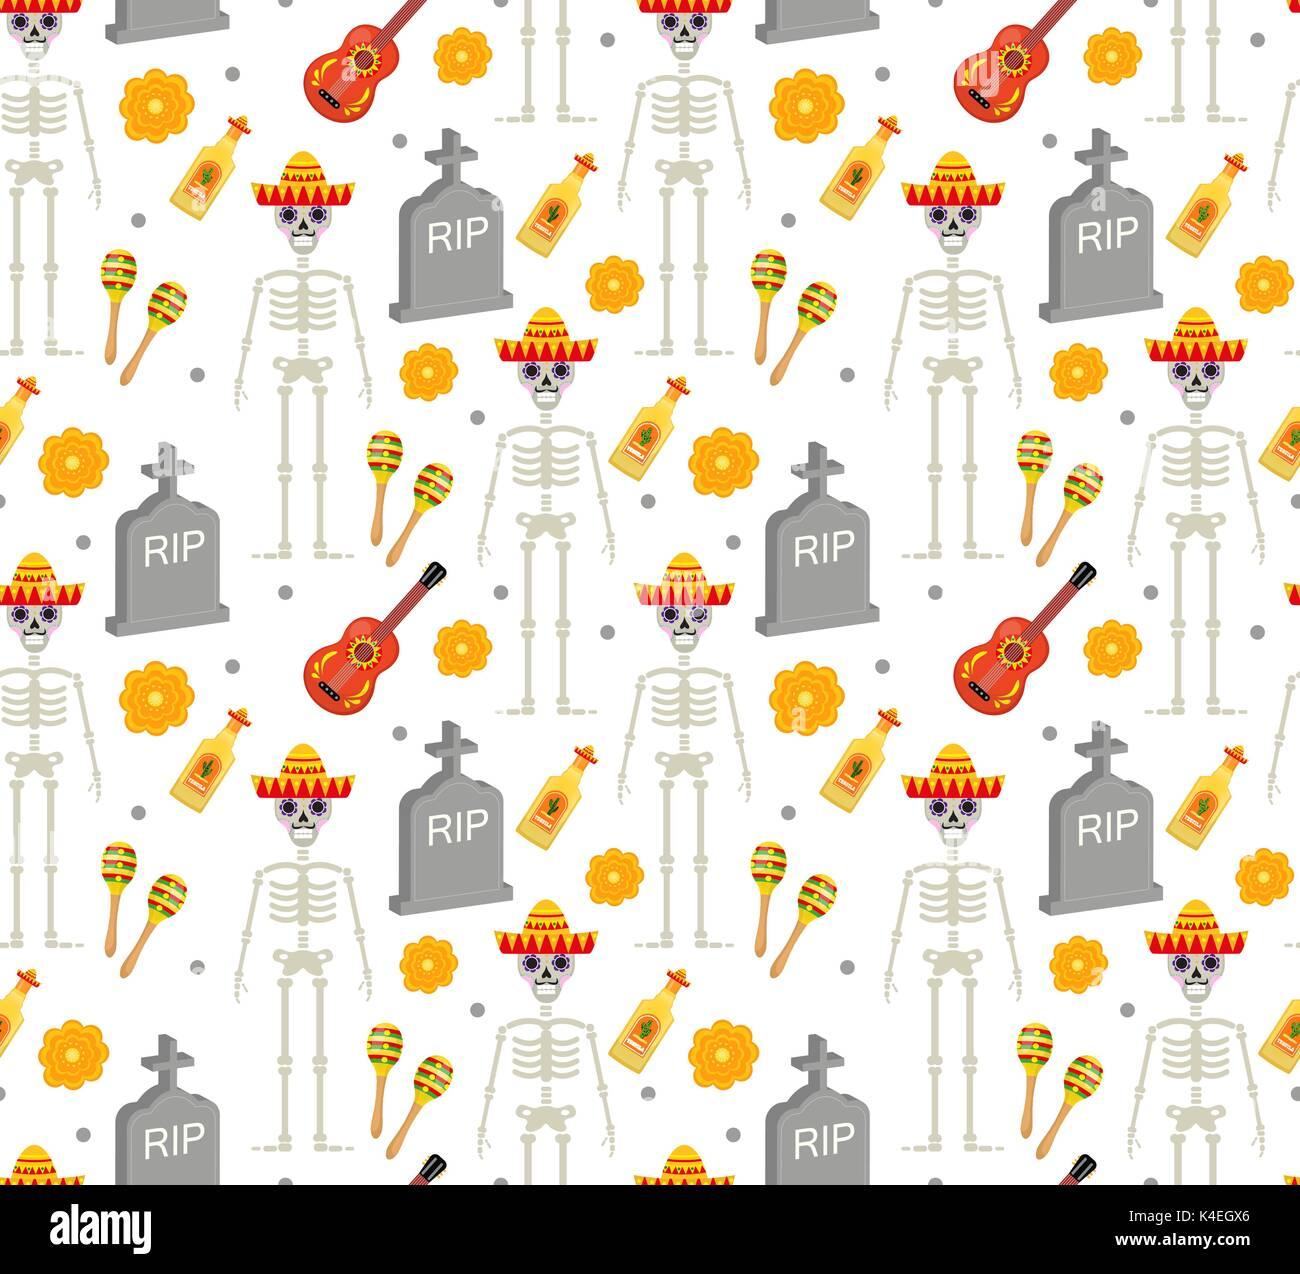 Dead Flower Pattern Imágenes De Stock & Dead Flower Pattern Fotos De ...